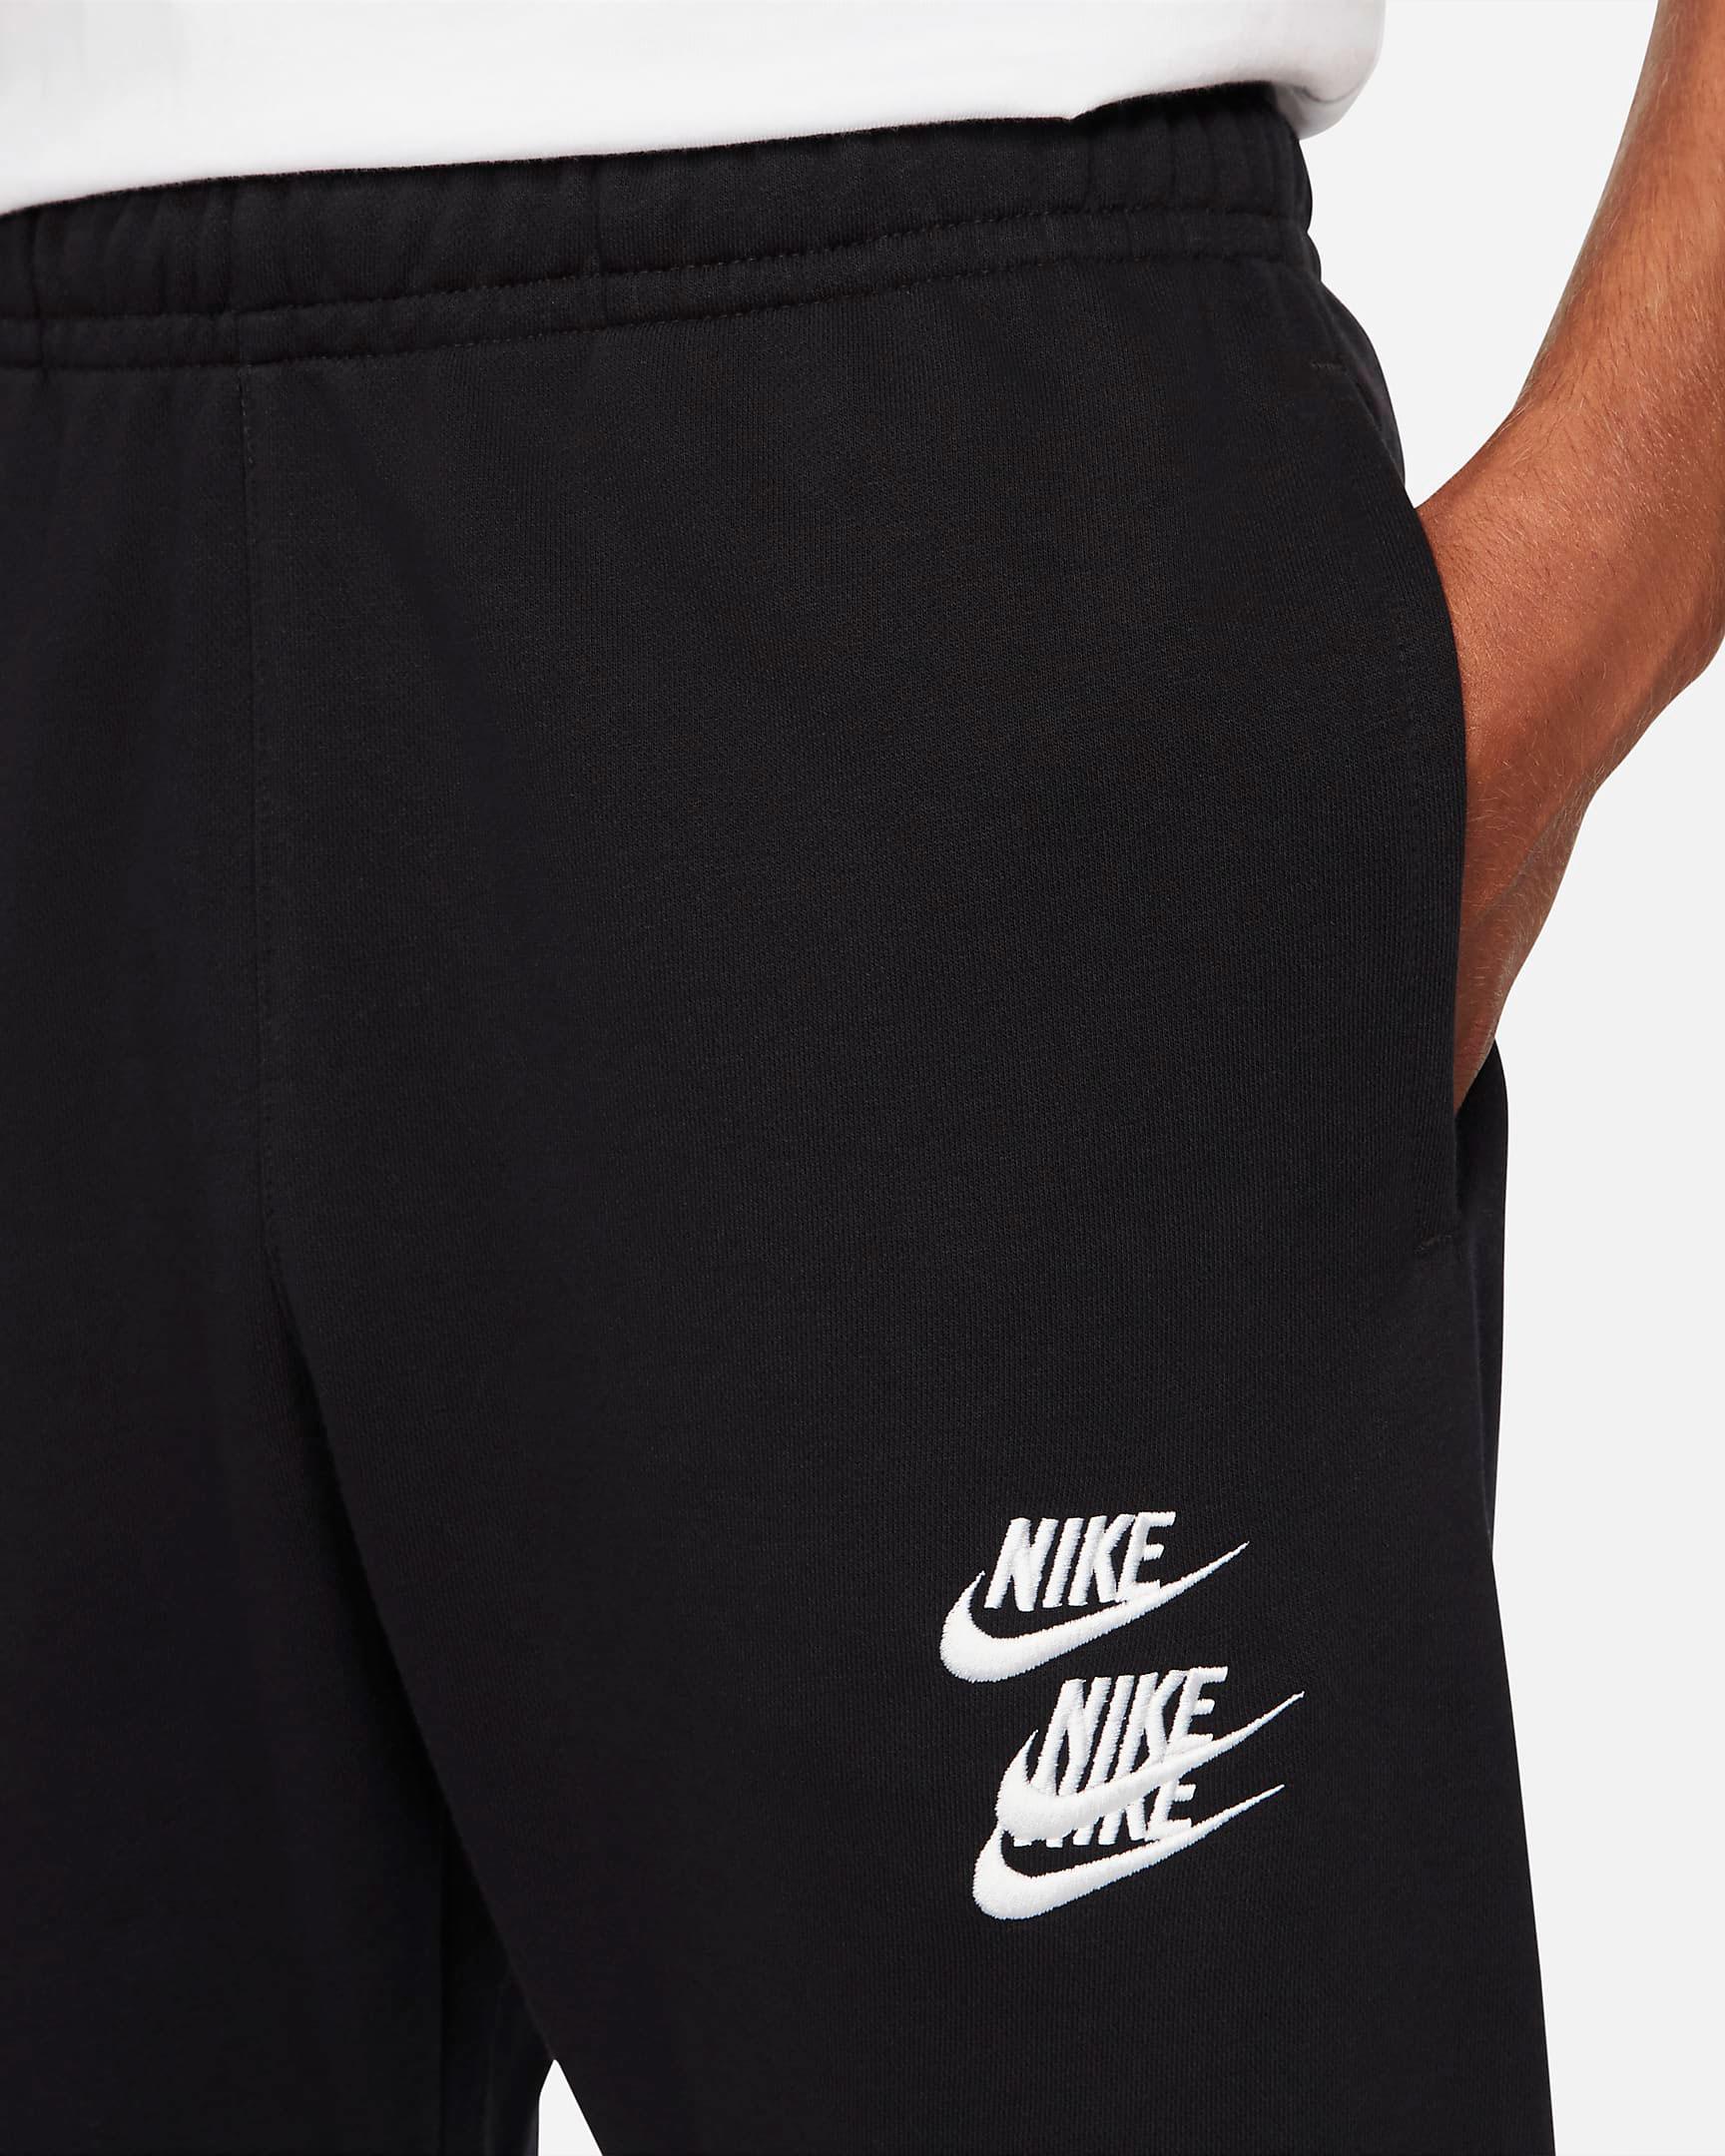 nike-world-tour-jogger-pants-black-3